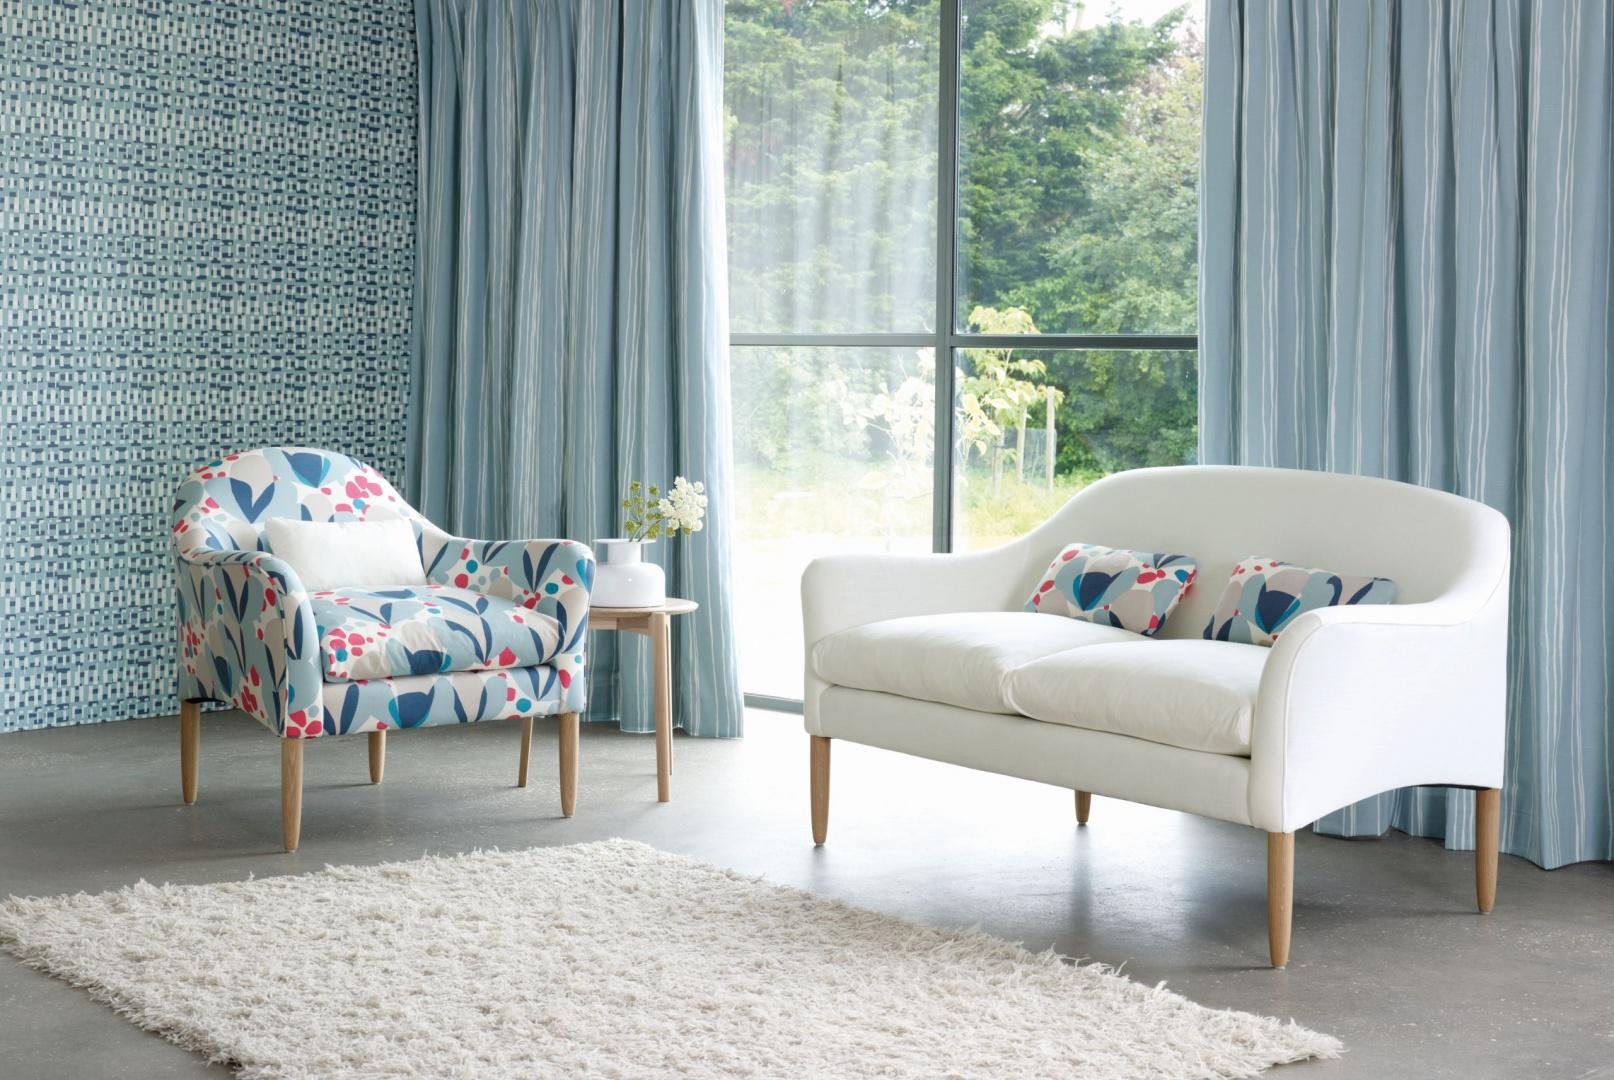 Kolekcja Makela marki Villa Nova jest zbiorem tkanin z graficznymi wzorami inspirowanych kwiatami, geometryczną abstrakcją i paskami w wyrazistych, nowoczesnych odcieniach. Fot. Villa Nova.